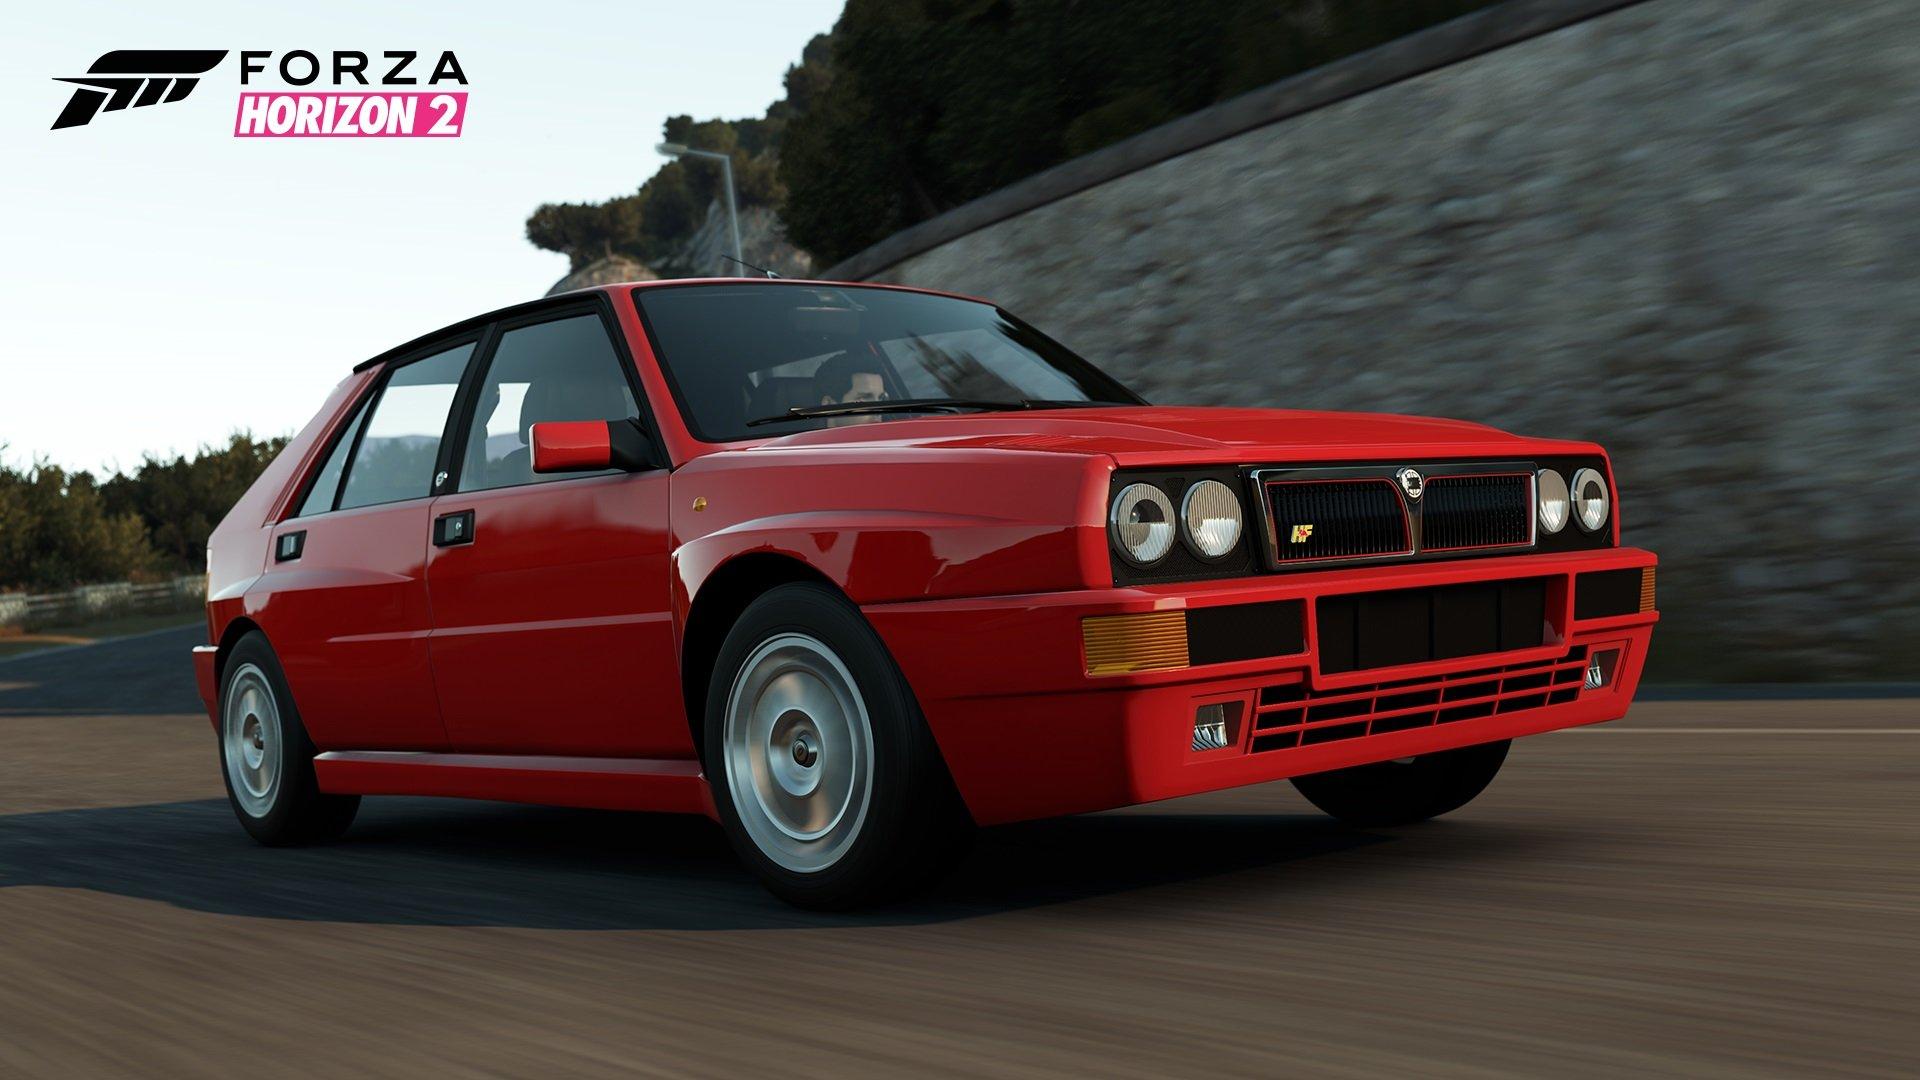 ForzaHorizon2_LanciaDelta